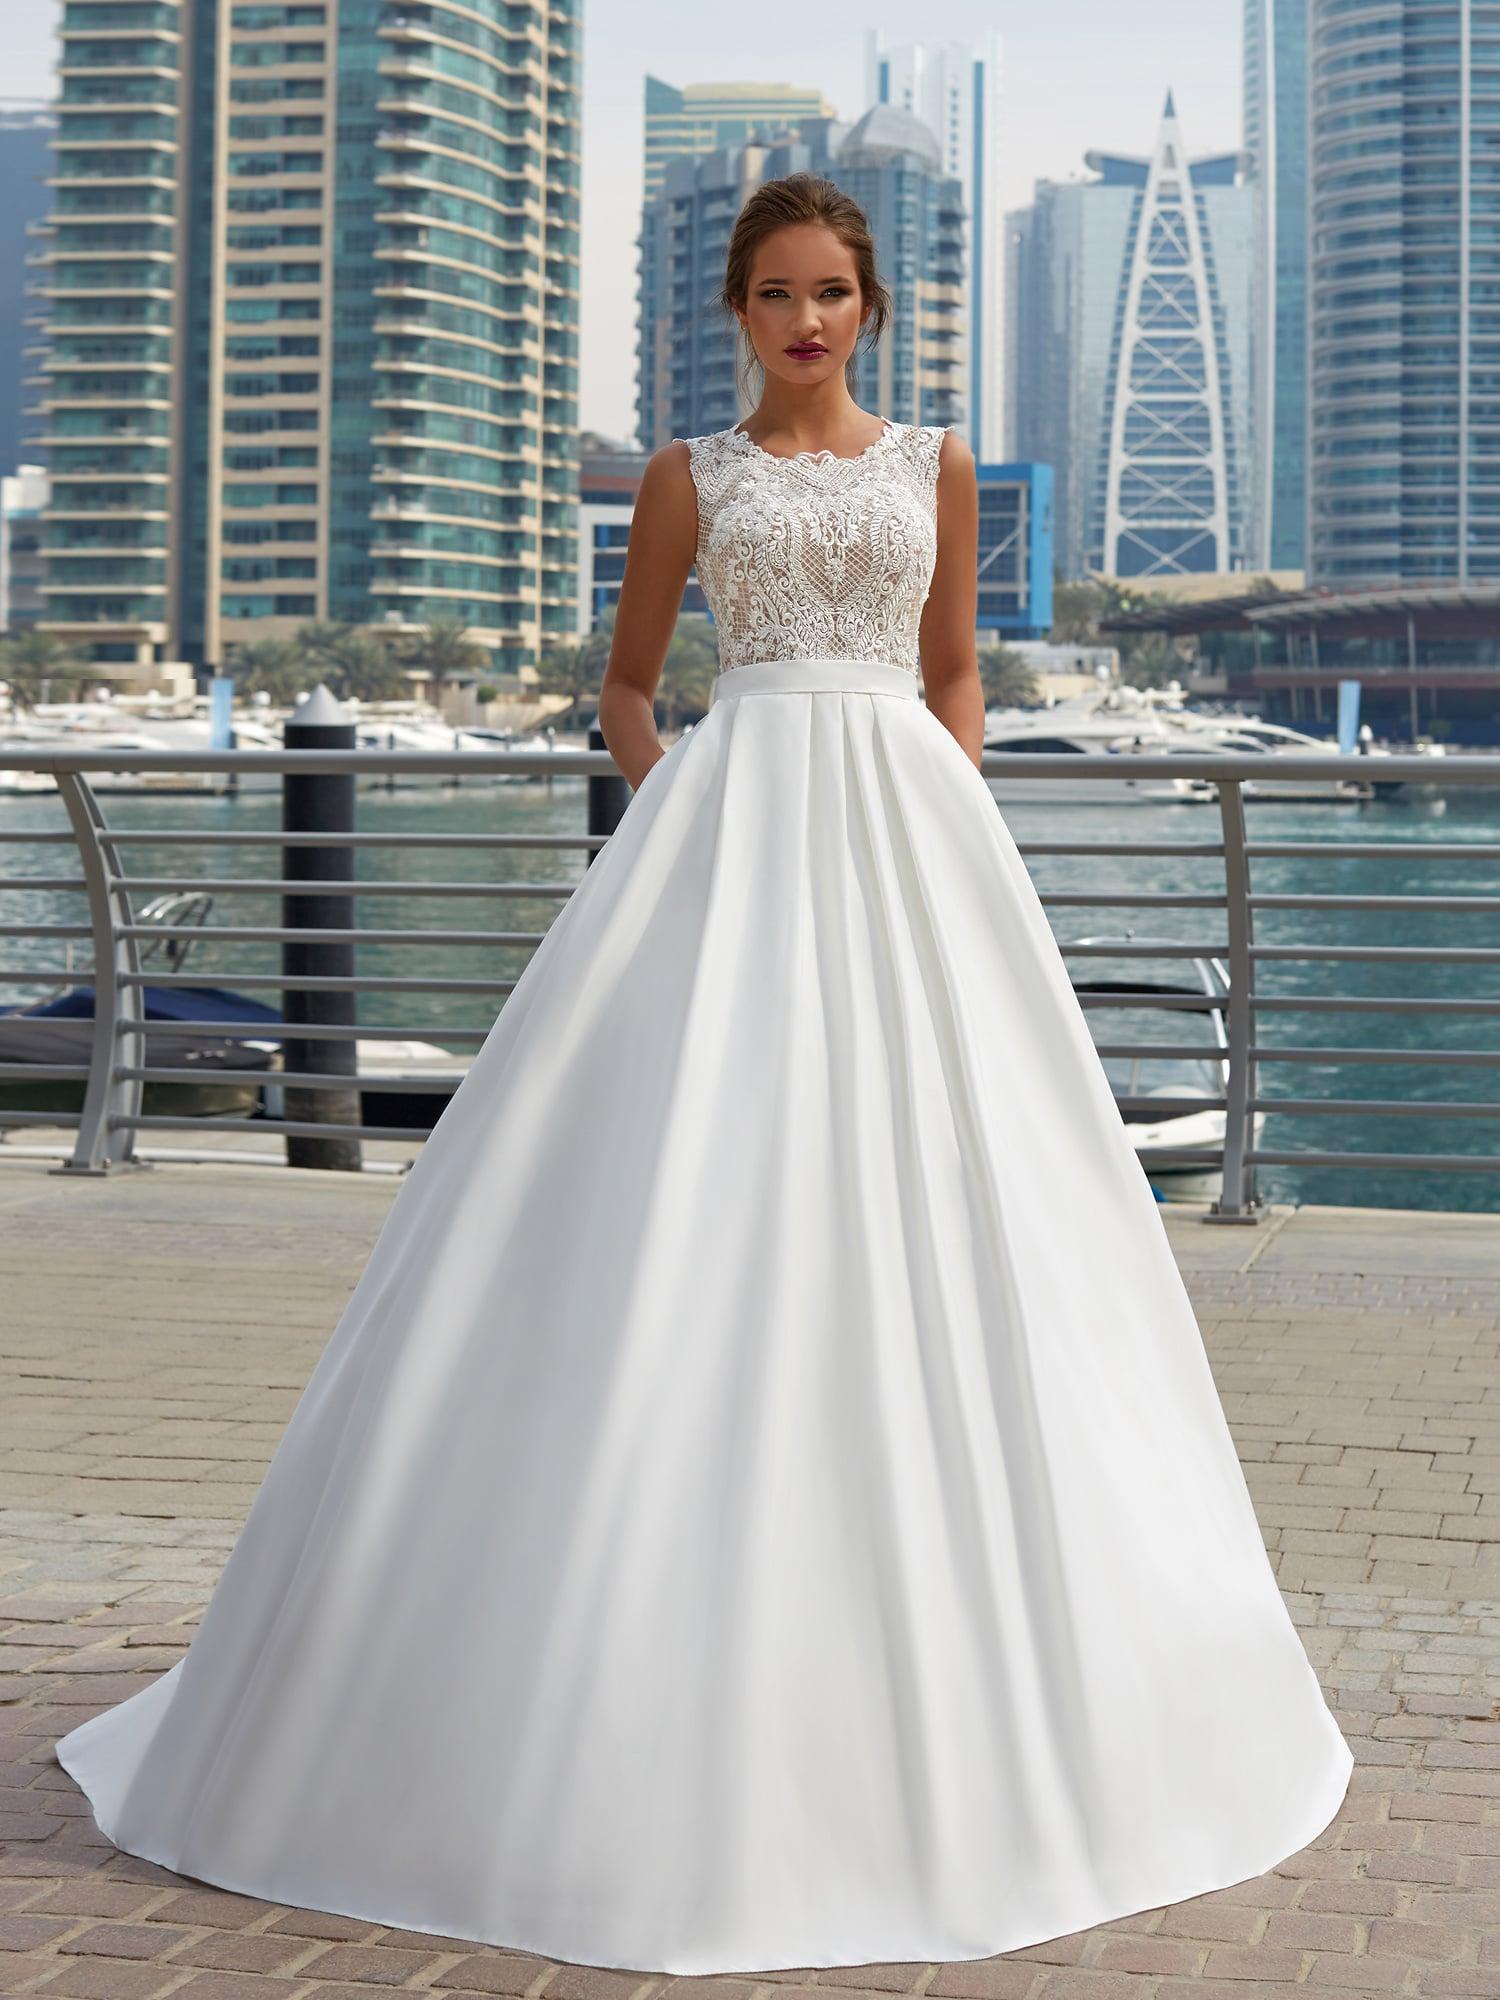 Эффектное свадебное платье с кружевным закрытым верхом и пышной юбкой со скрытыми карманами.